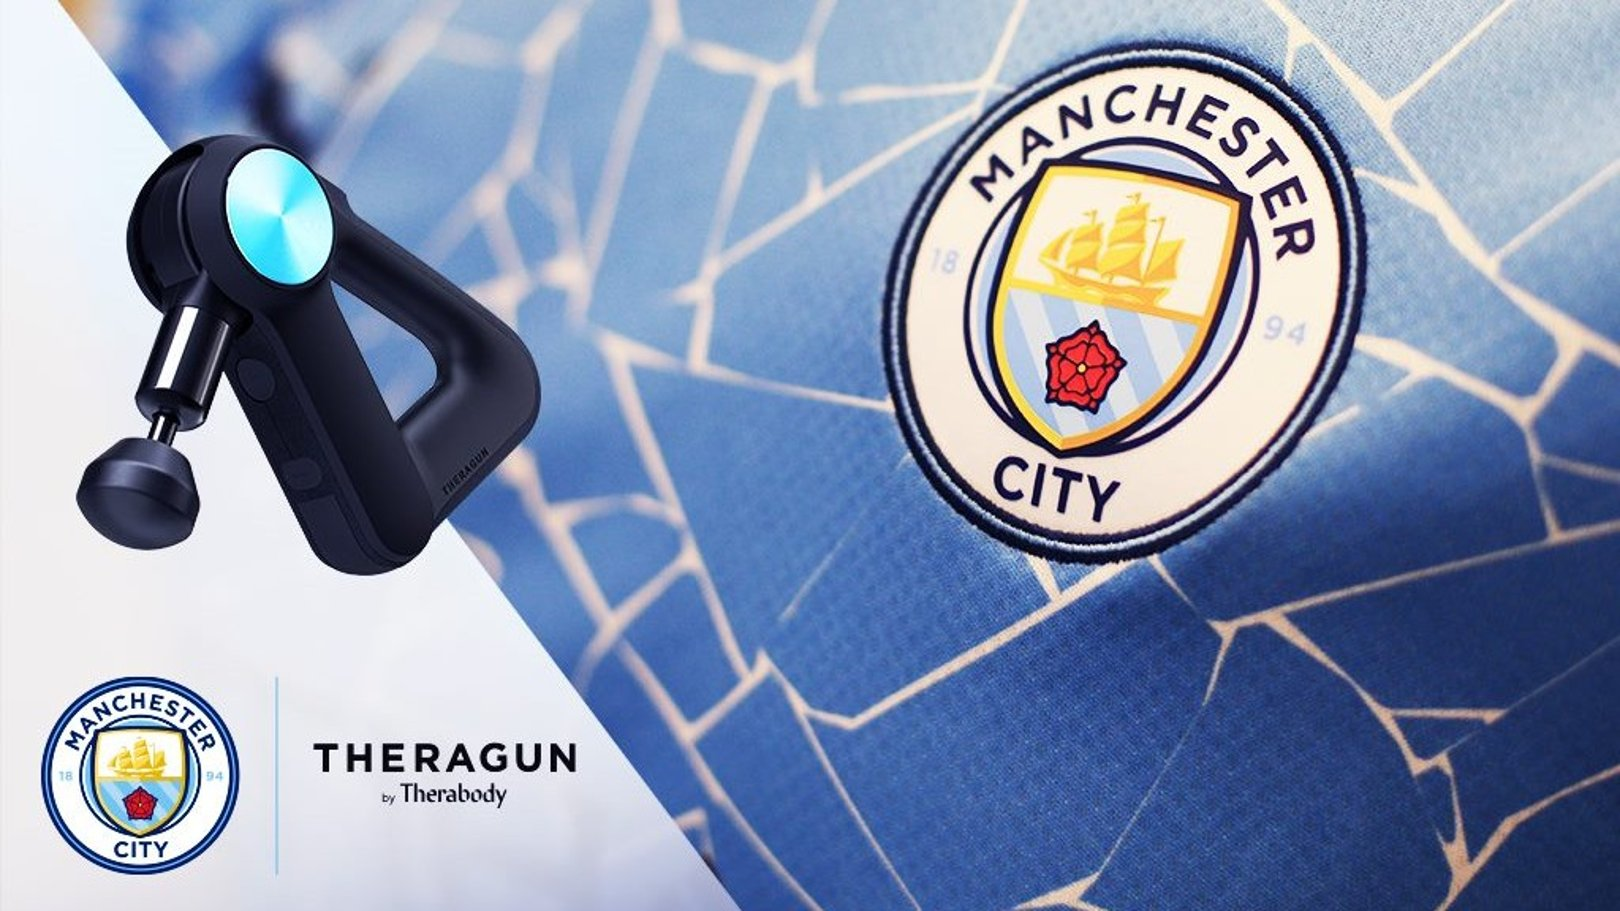 Man City and Therabody Kickoff Global Partnership